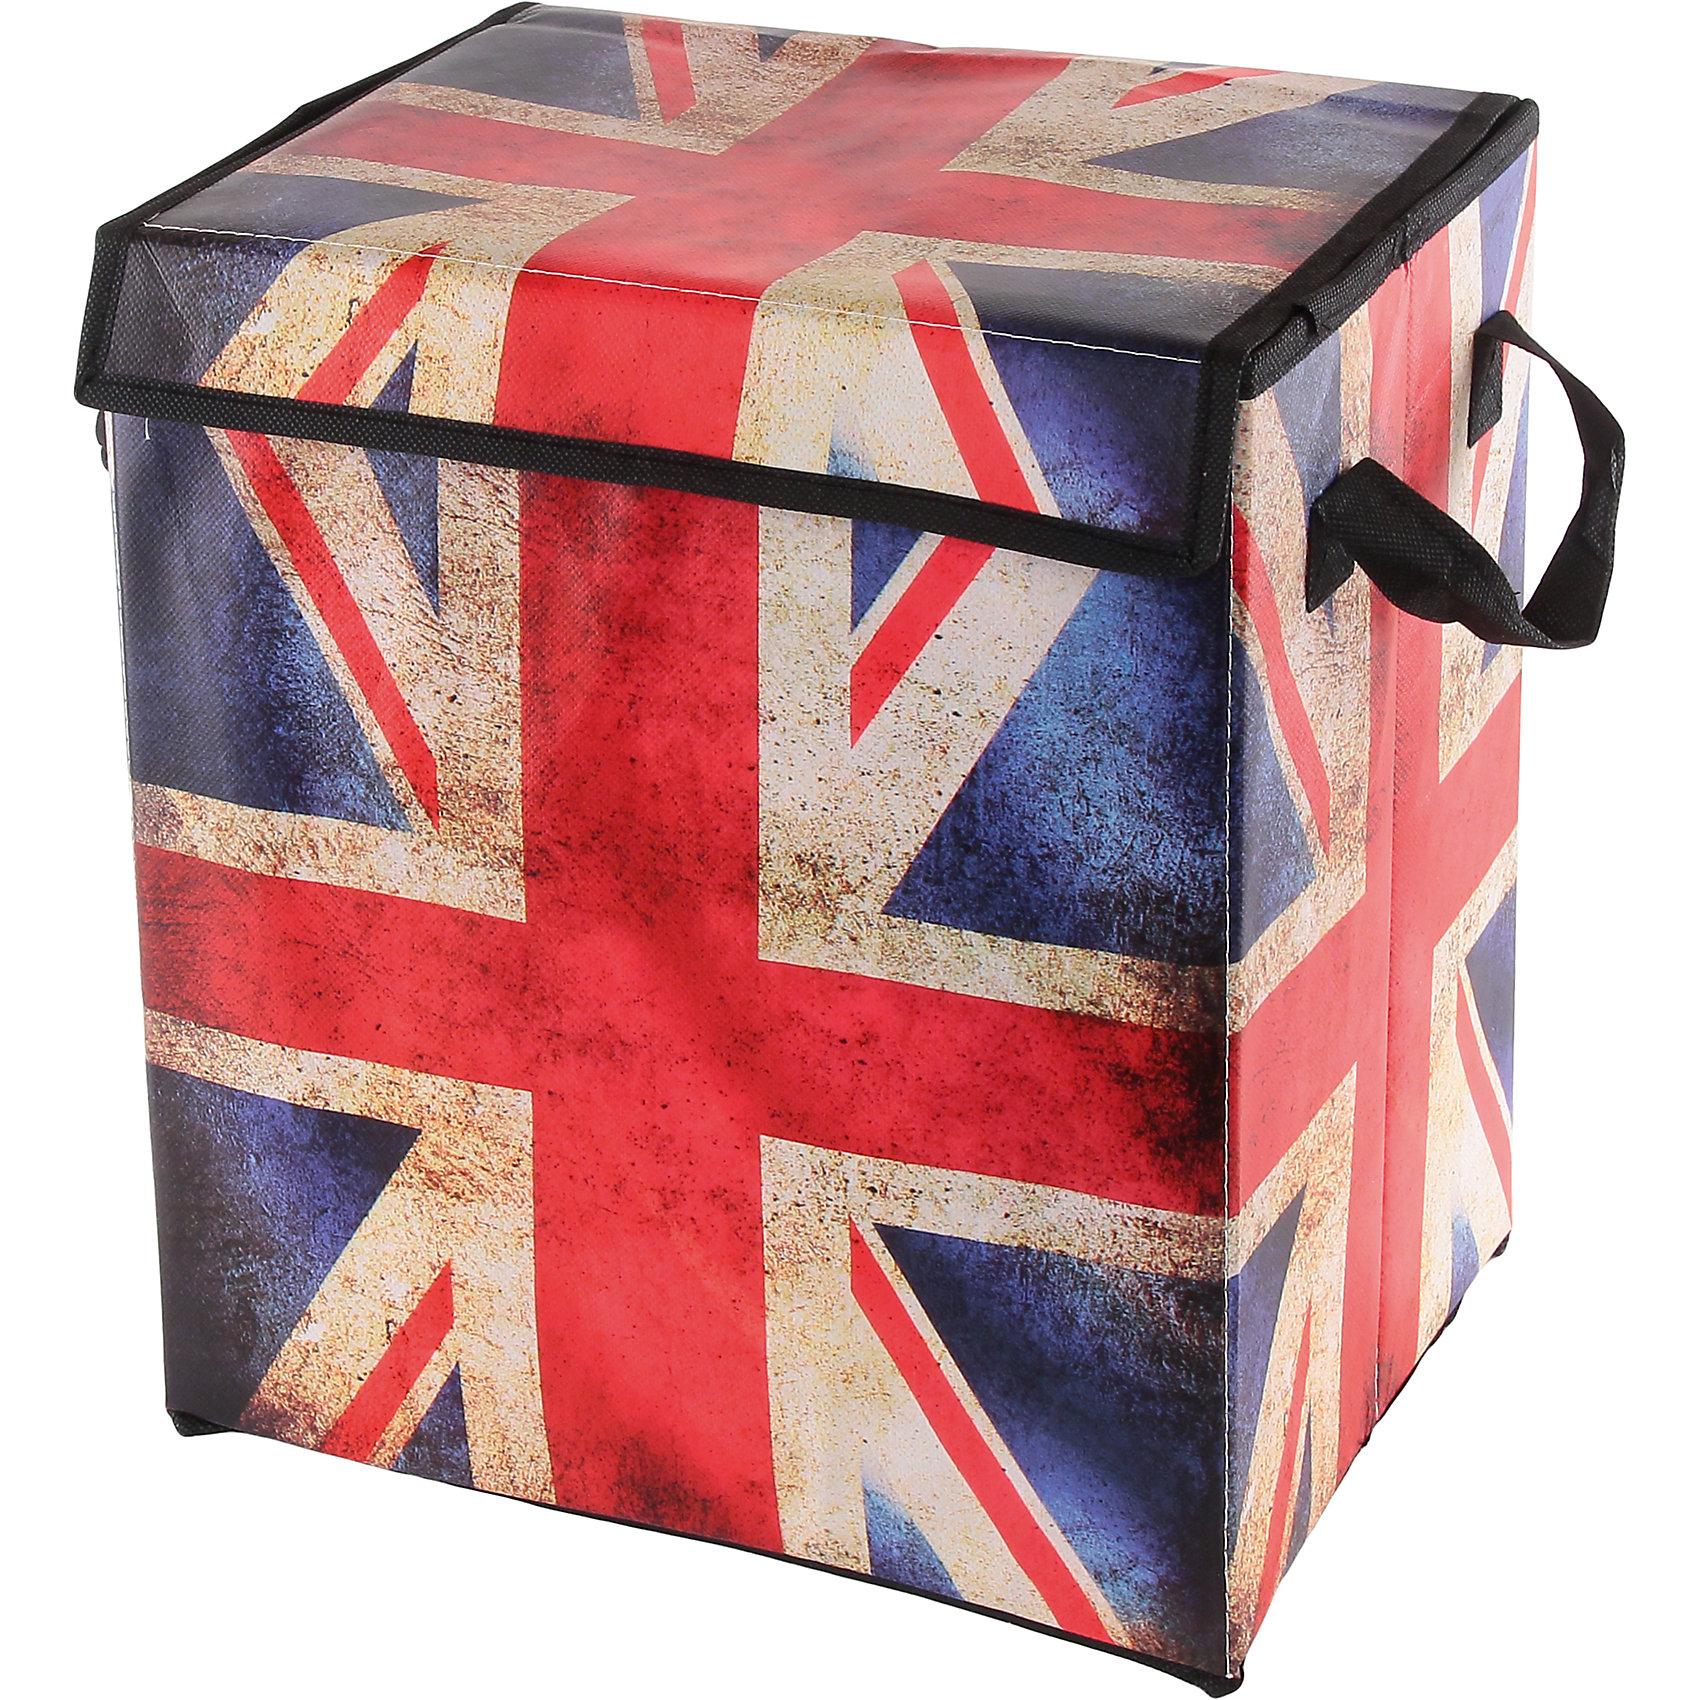 Кофр складной для хранения 30*22*32 см. Британский флаг, EL CasaПорядок в детской<br>Кофр с жёстким каркасом для хранения с двумя ручками в популярном стиде Британский флаг.  В нем можно хранить всевозможные предметы: книги, игрушки, рукоделие.   Яркий дизайн кофра привнесет в Ваш интерьер неповторимый шарм.<br><br>Ширина мм: 300<br>Глубина мм: 220<br>Высота мм: 20<br>Вес г: 300<br>Возраст от месяцев: 0<br>Возраст до месяцев: 1188<br>Пол: Унисекс<br>Возраст: Детский<br>SKU: 6668664